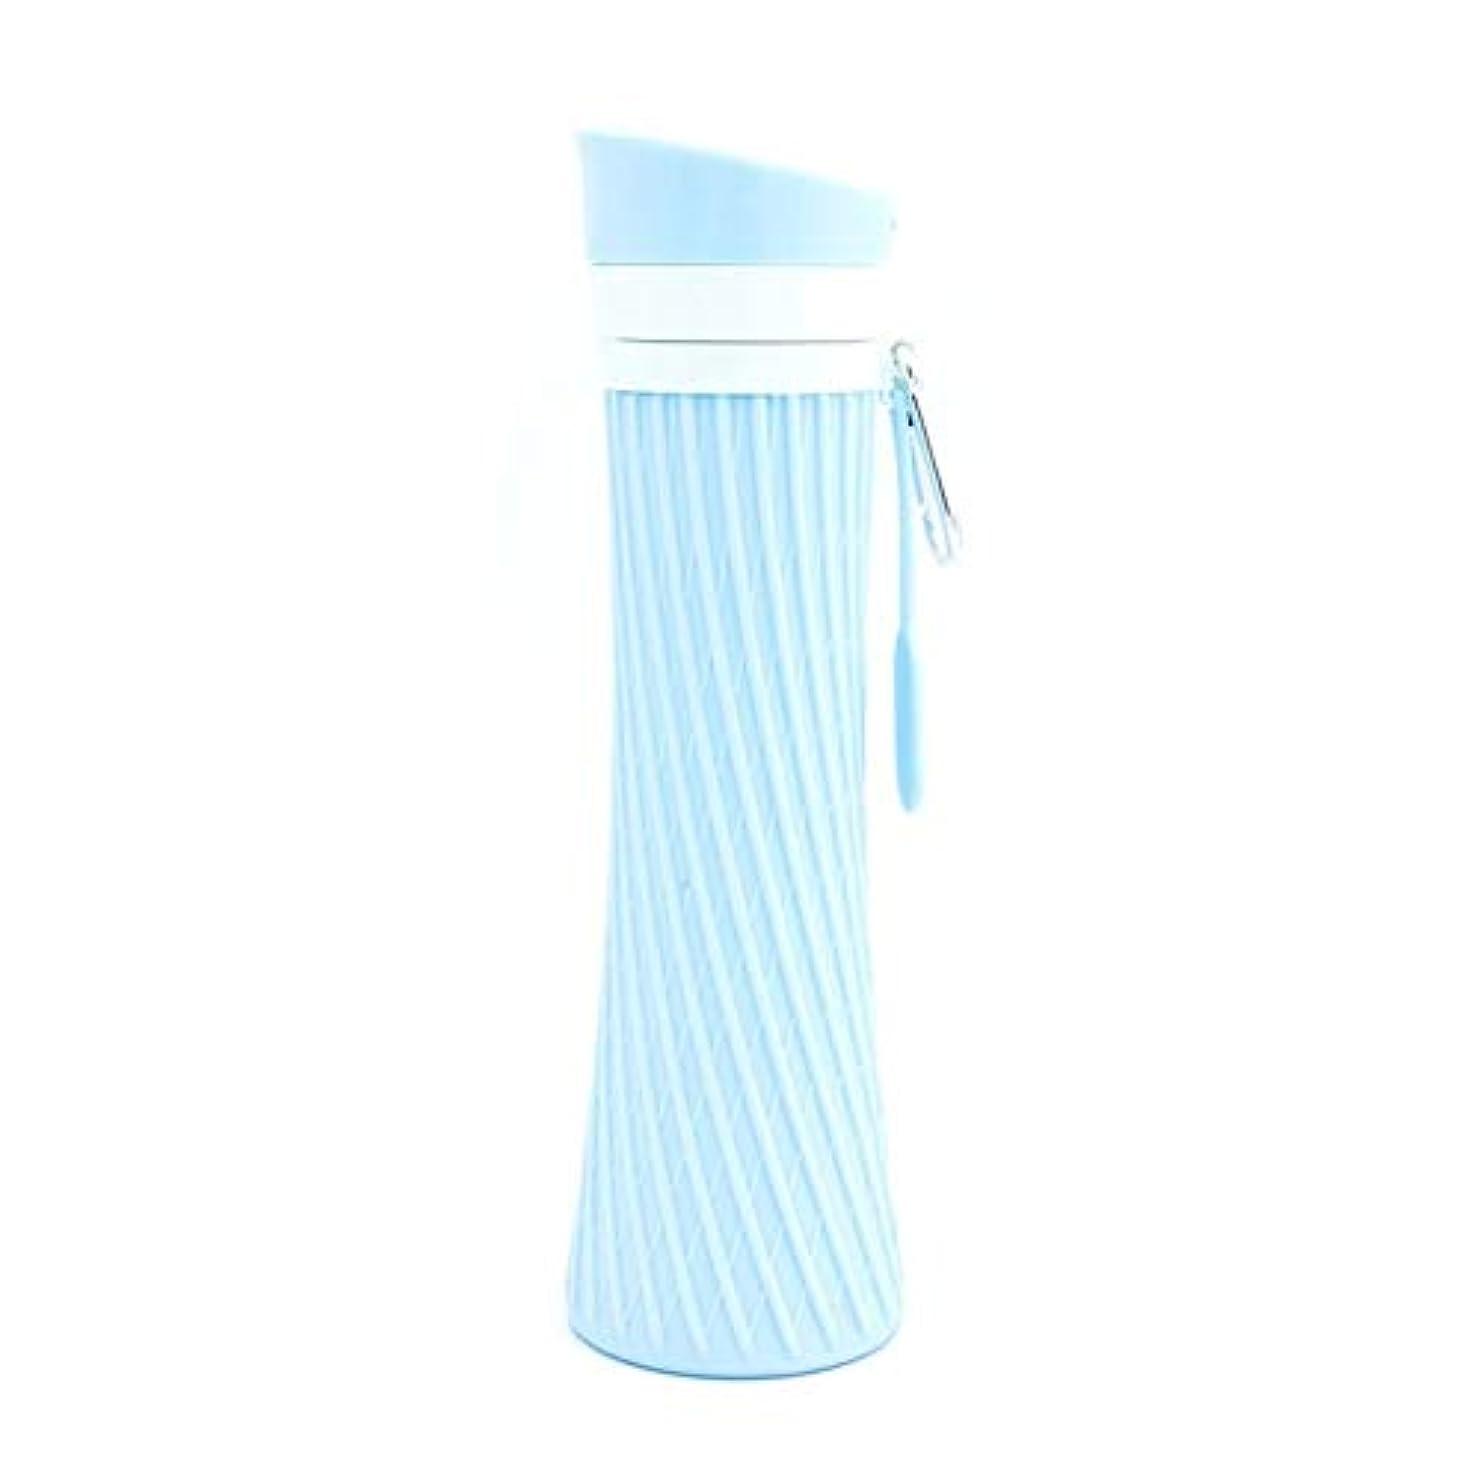 湖キャッチ密Hkkint ポータブル折りたたみ大容量ウォーターカップ、500ミリリットルスポーツウォーターカップシリコンウォーターカップ高温耐性摩擦耐性ウォーターカップ (Color : ブルー)